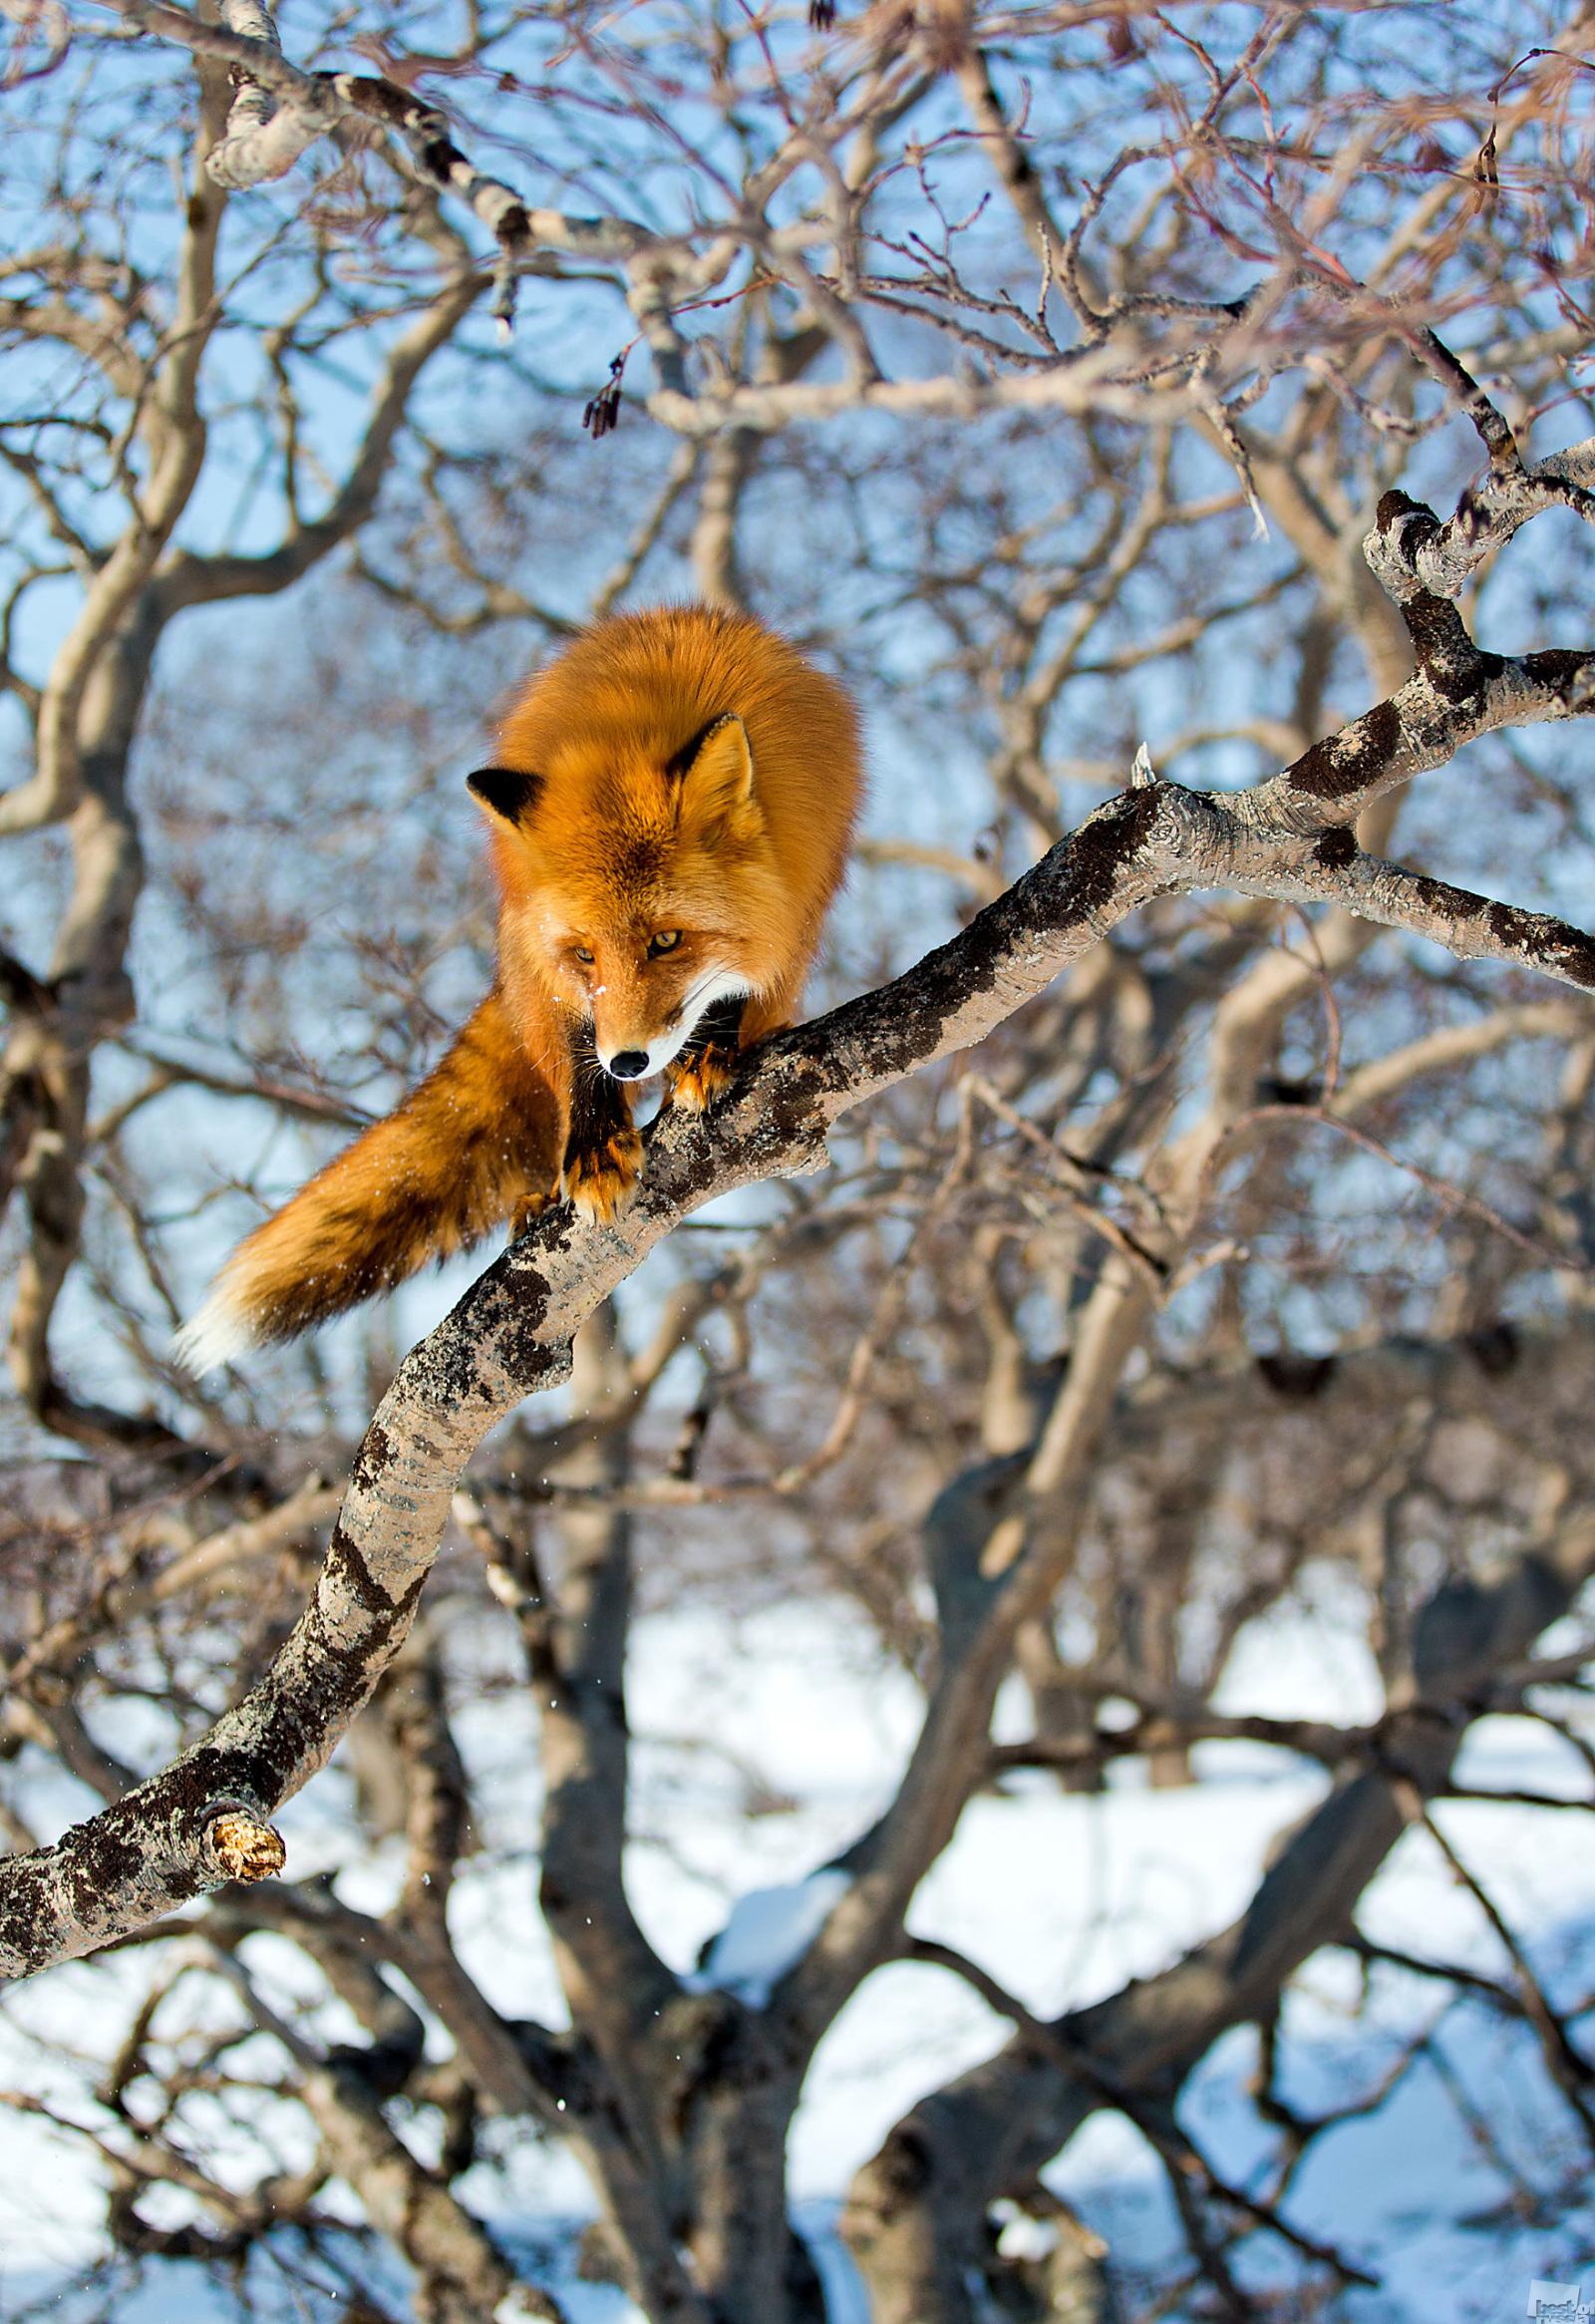 クロノツキー自然保護区、2013年3月。特に木が少し傾いていたり、枝が地面からあまり離れていない場合は、キツネは木に登ることができるようだ。このキツネが枝から枝へと飛躍することから判断すると、この行為はキツネにとって日常茶飯事であるに違いない。カムチャツカ地方、クロノツキー自然保護区